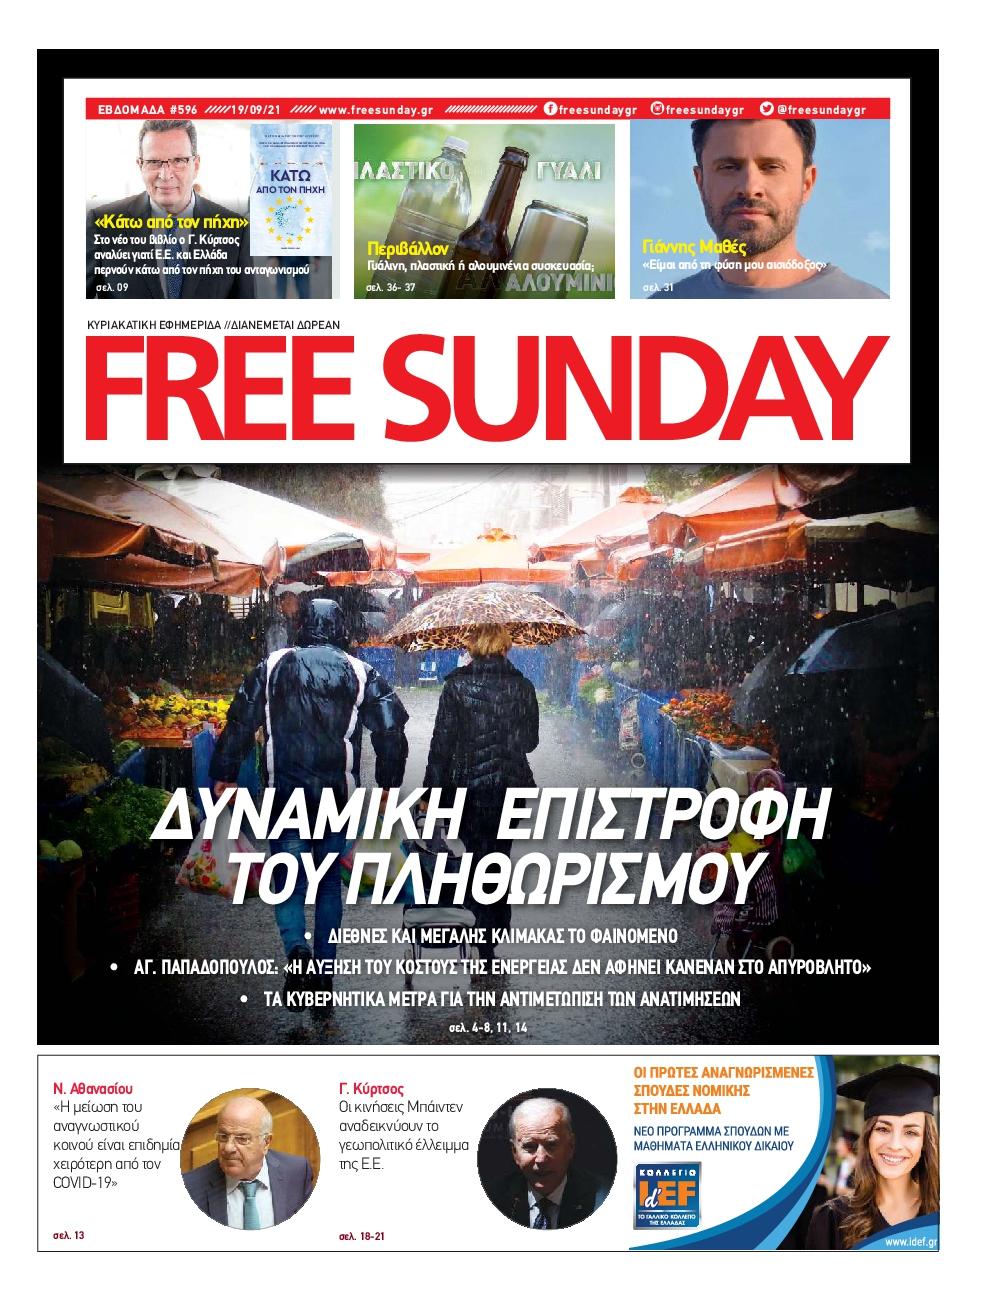 Πρωτοσέλιδο του εντύπου «FREE SUNDAY» που δημοσιεύτηκε στις 19/09/2021